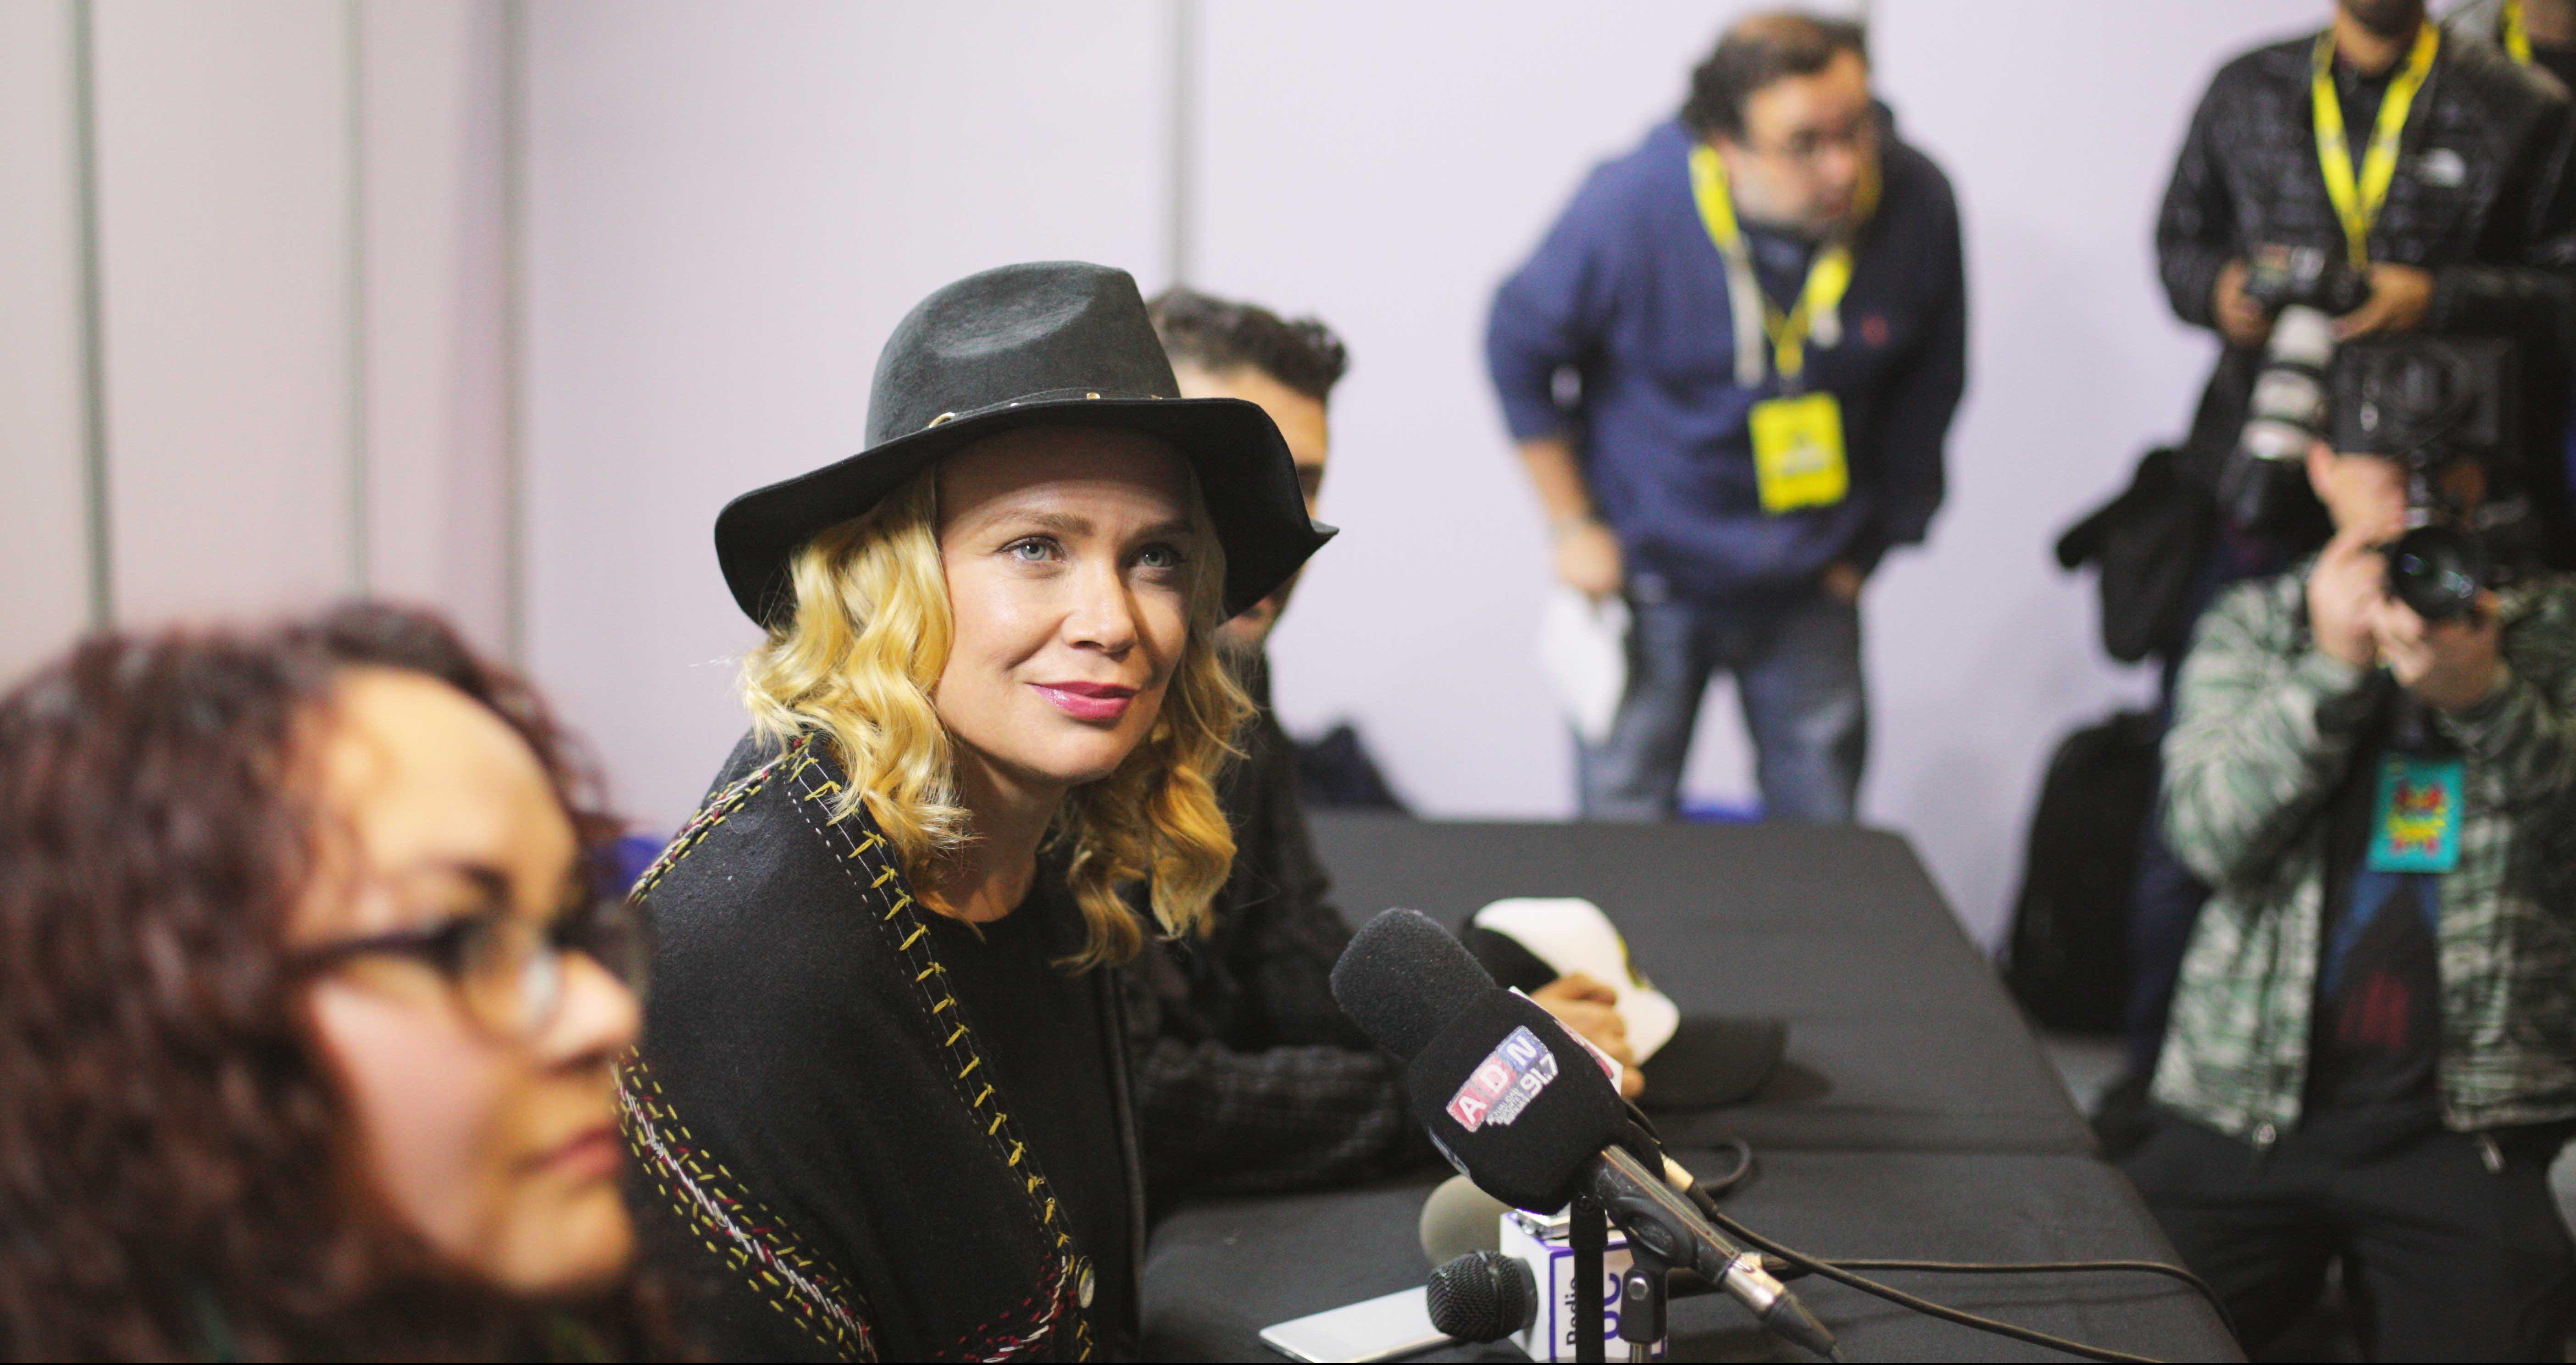 Laurie Holden confesó que tiene miedo a las películas de terror #ModoComicCon